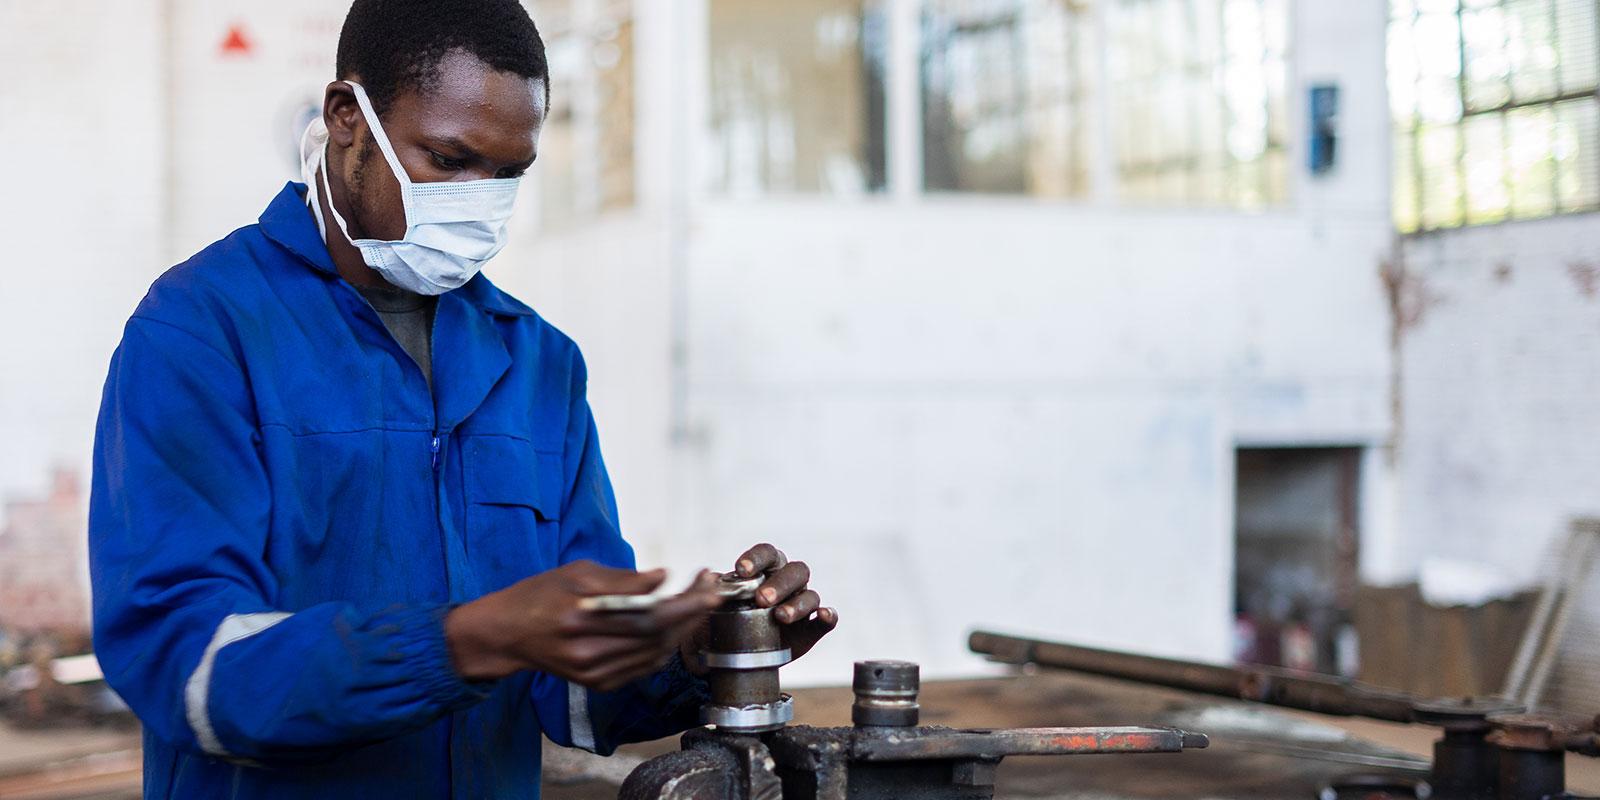 Photo: KB Mpofu/ILO